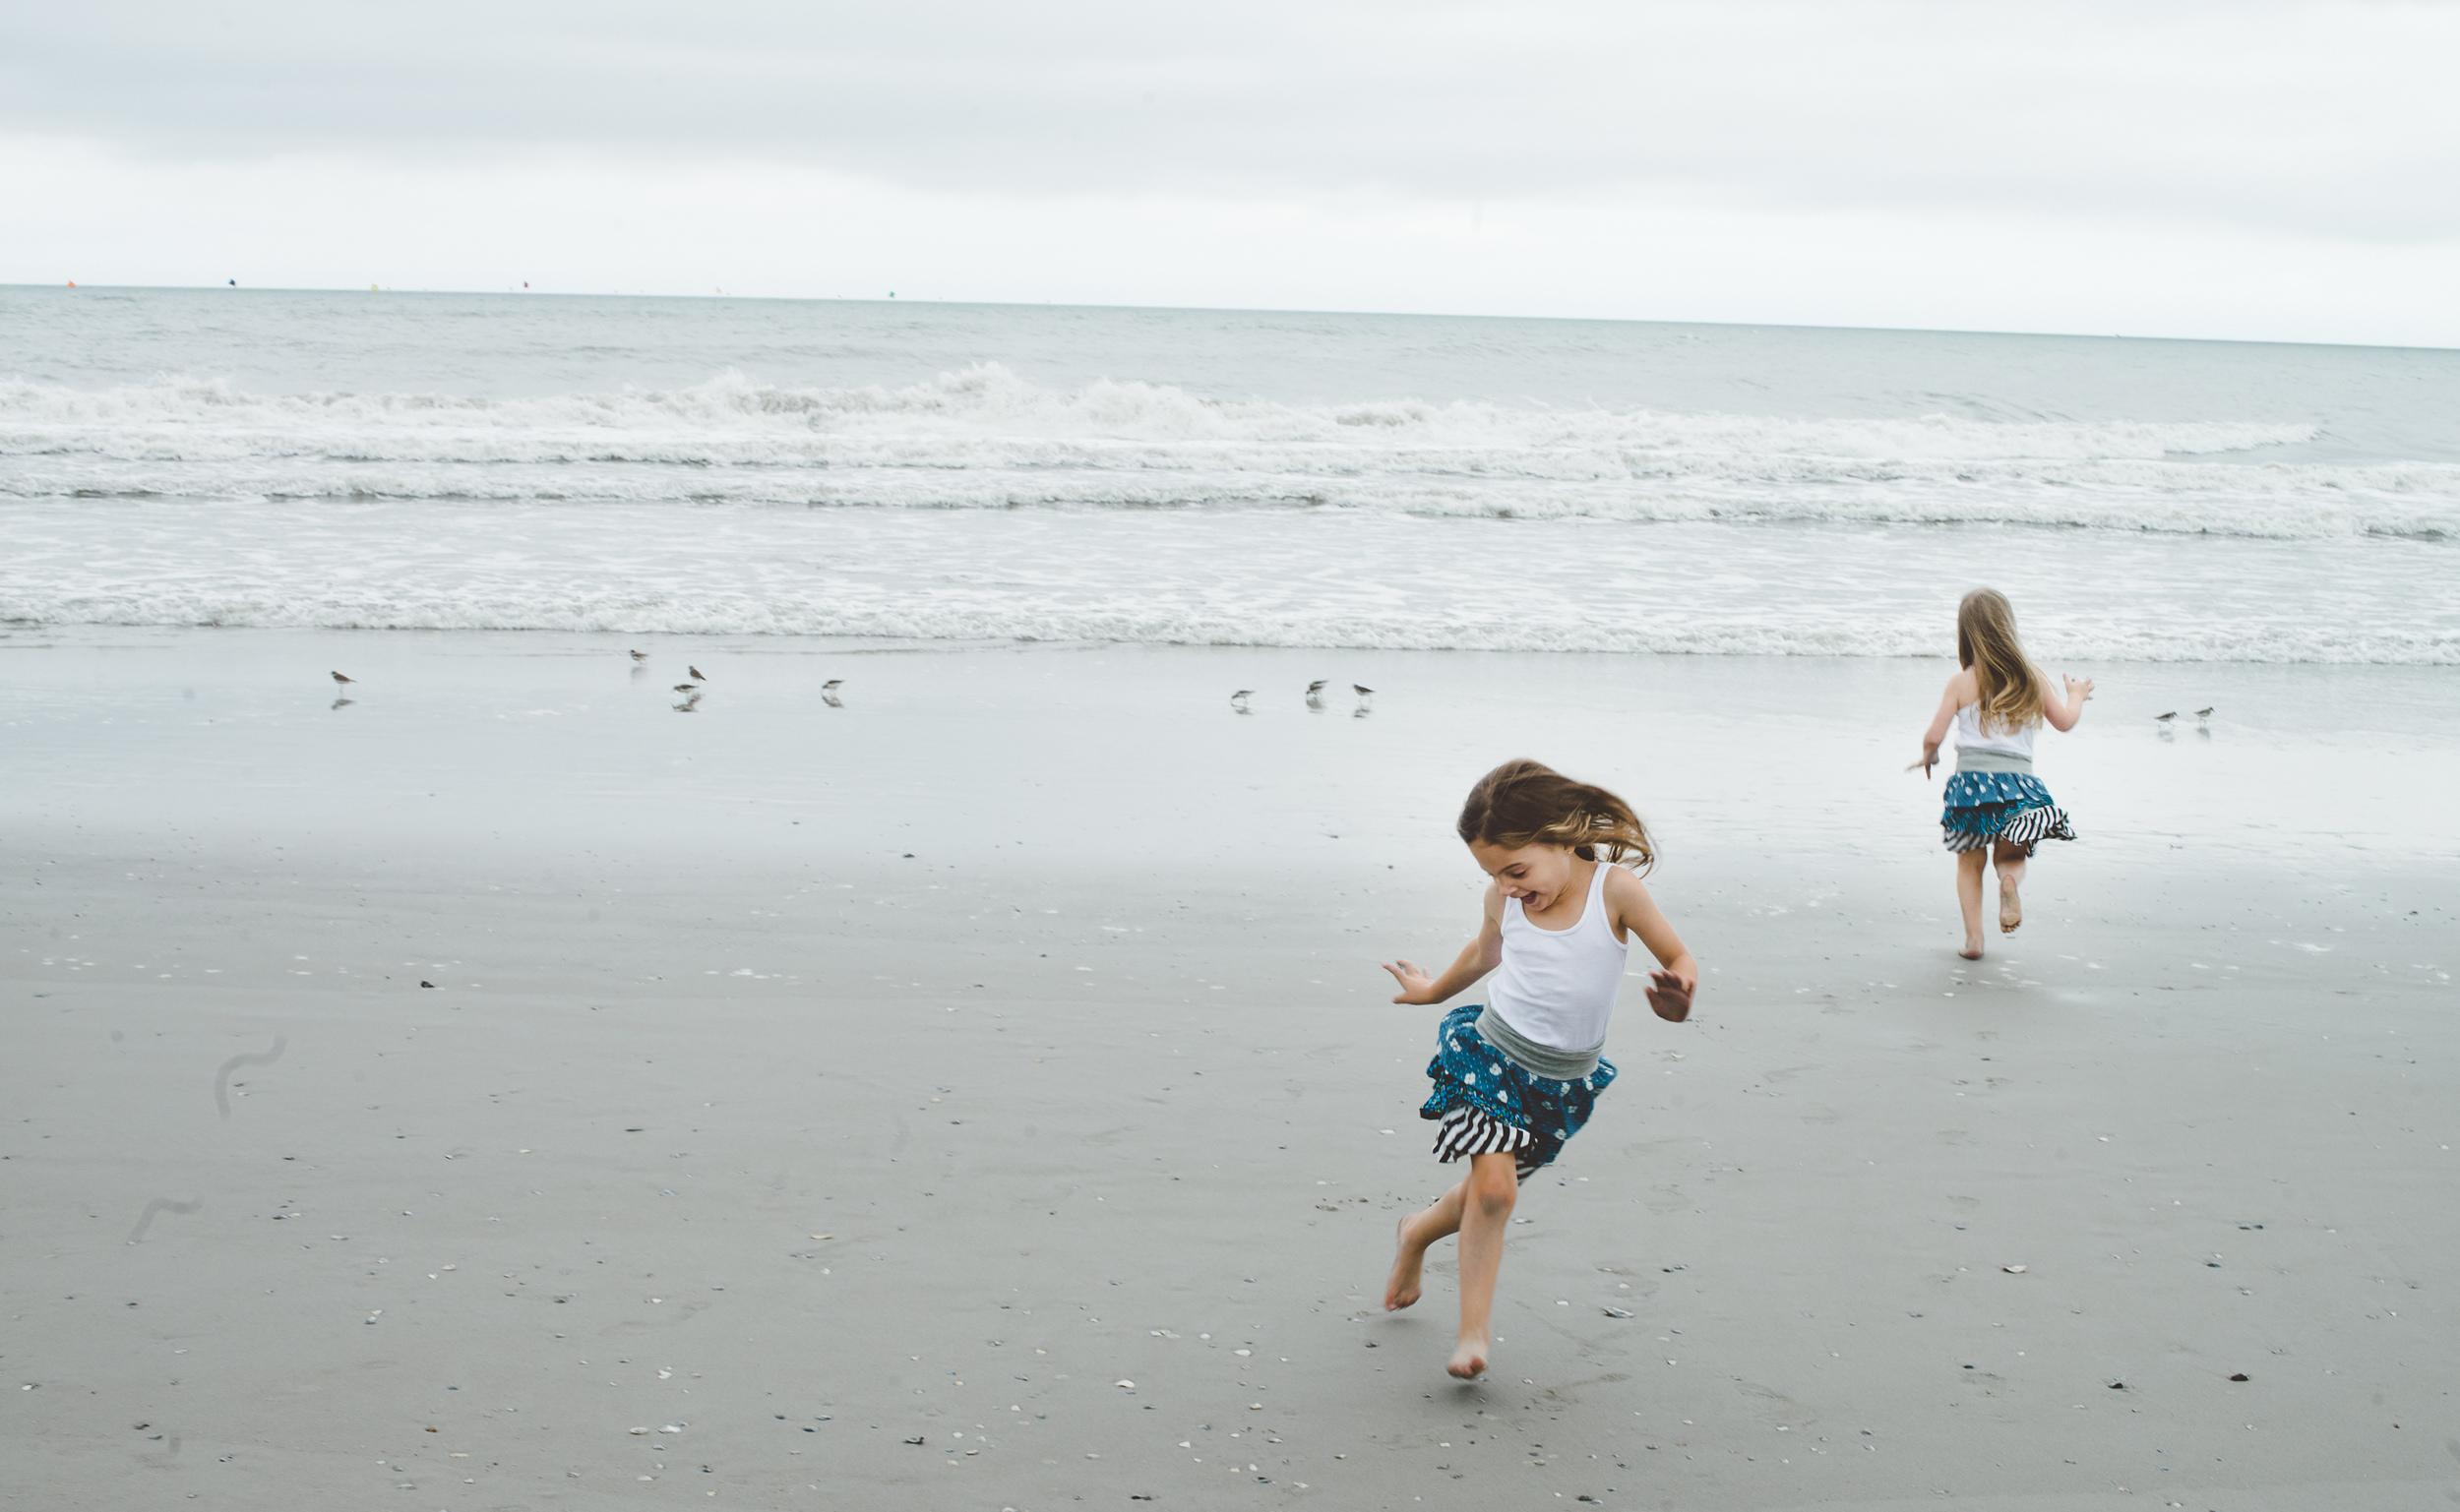 serpentine_beach_day1-51.jpg